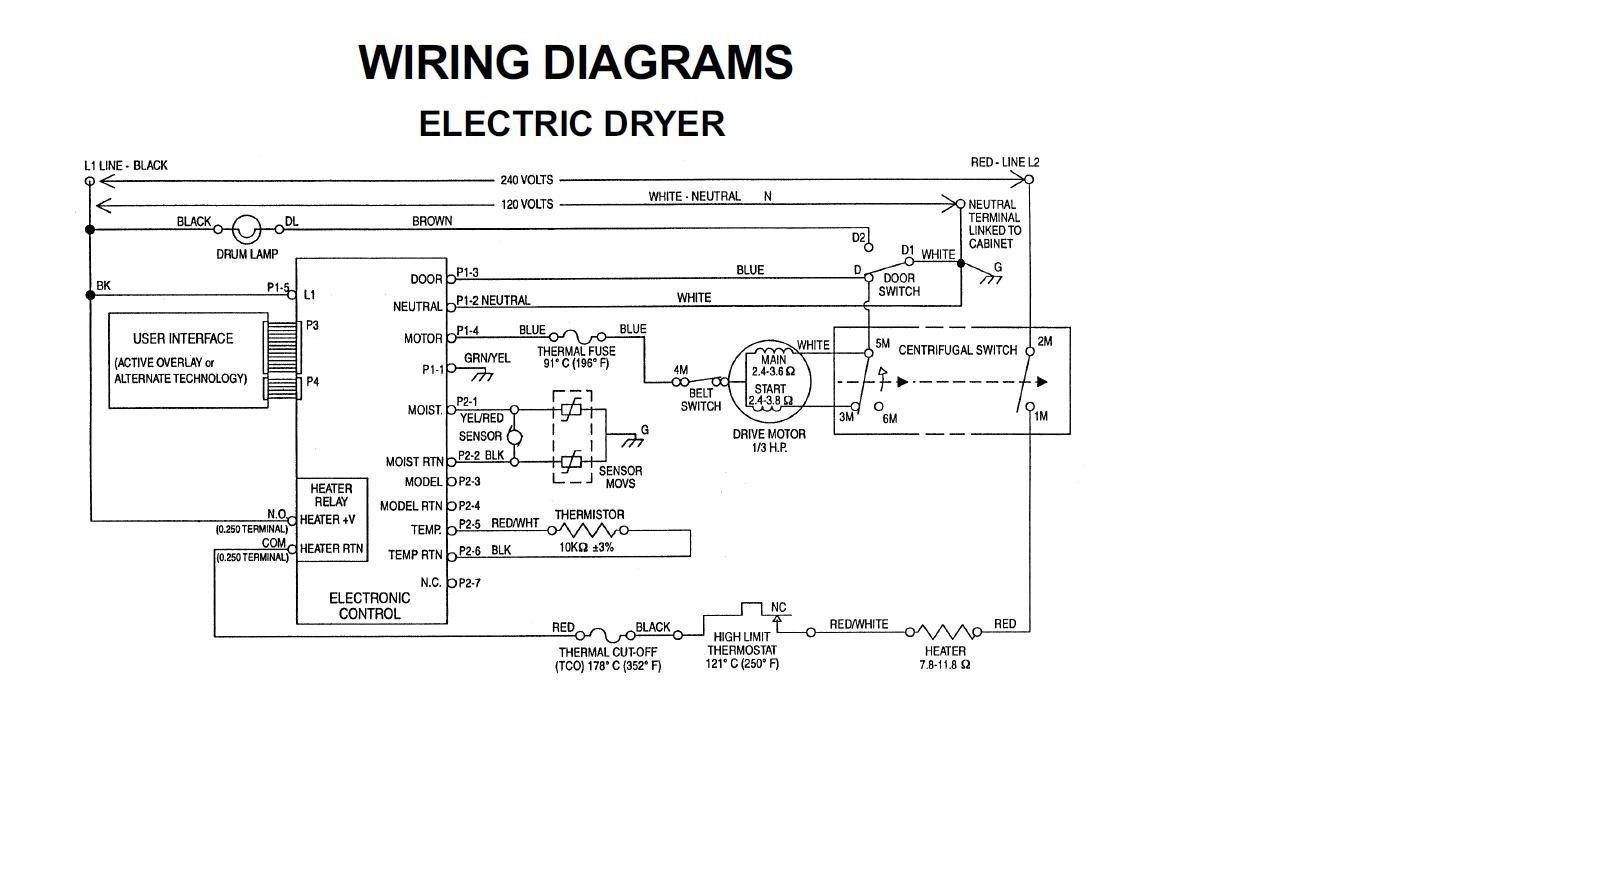 Whirlpool Wtw8240yw0 Wiring Diagram